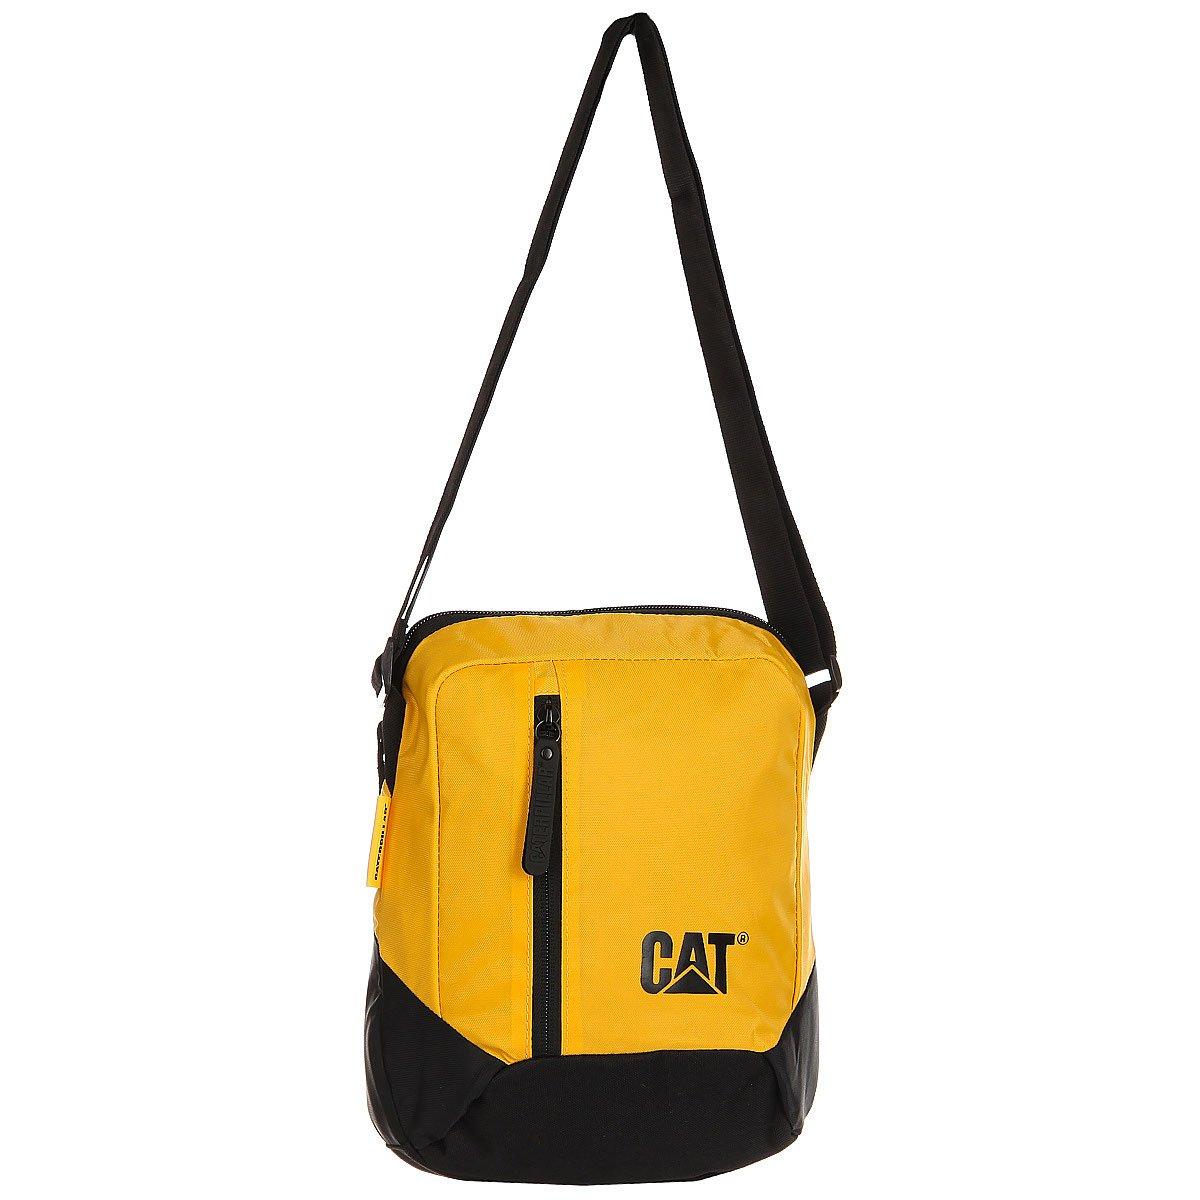 d864399683f4 Купить сумку для документов Caterpillar Tablet Bag Black/Yellow в  интернет-магазине Proskater.by